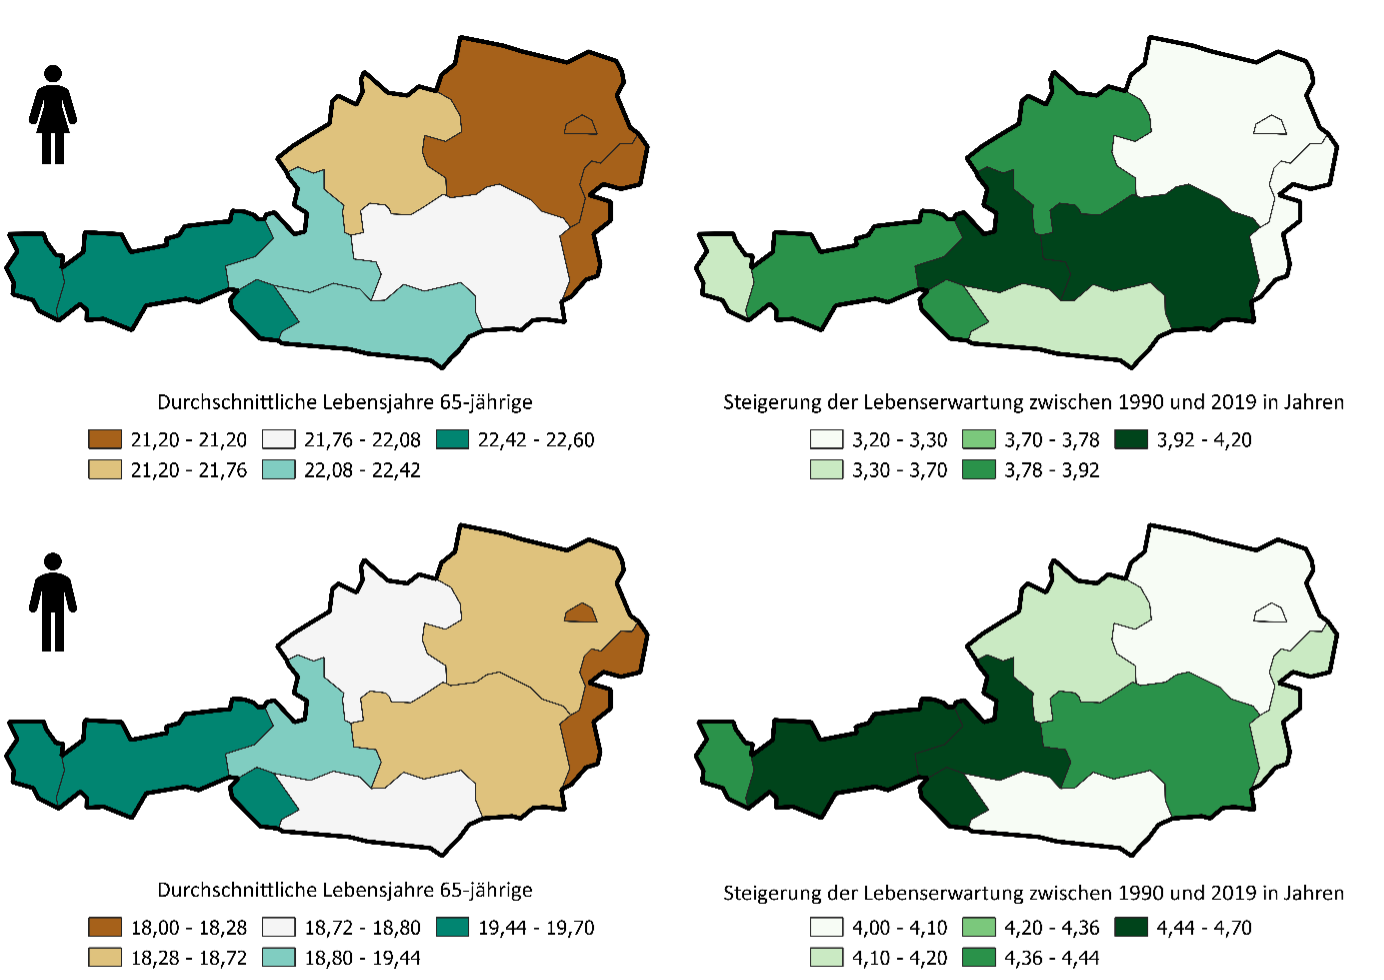 Durchschnittliche Lebenserwartung in den Regionen im Jahr 2019 sowie Zuwachs an Lebenserwartung der 65-Jährigen.